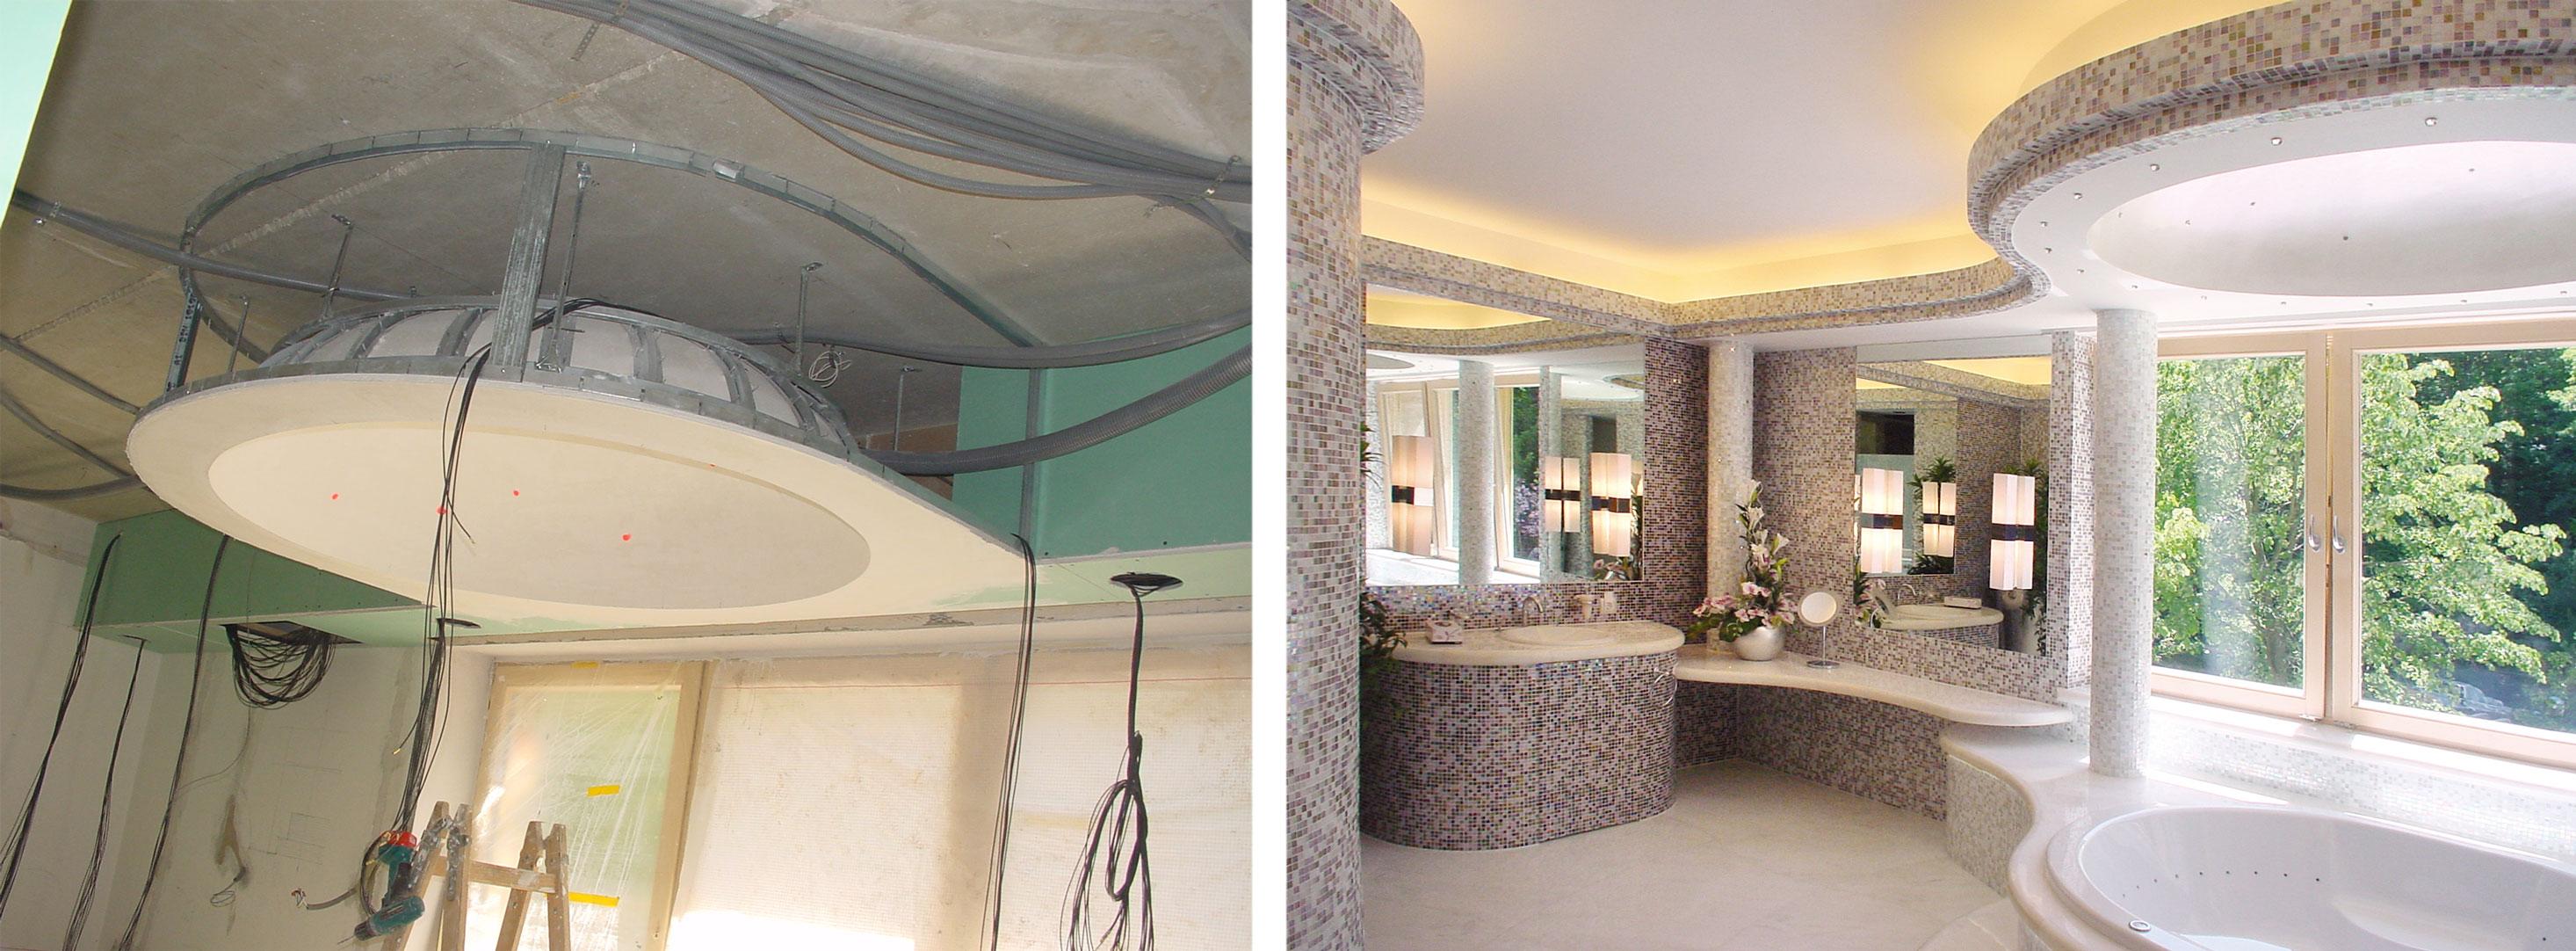 Badezimmer-Trockenbauverkleidung-Weissmann